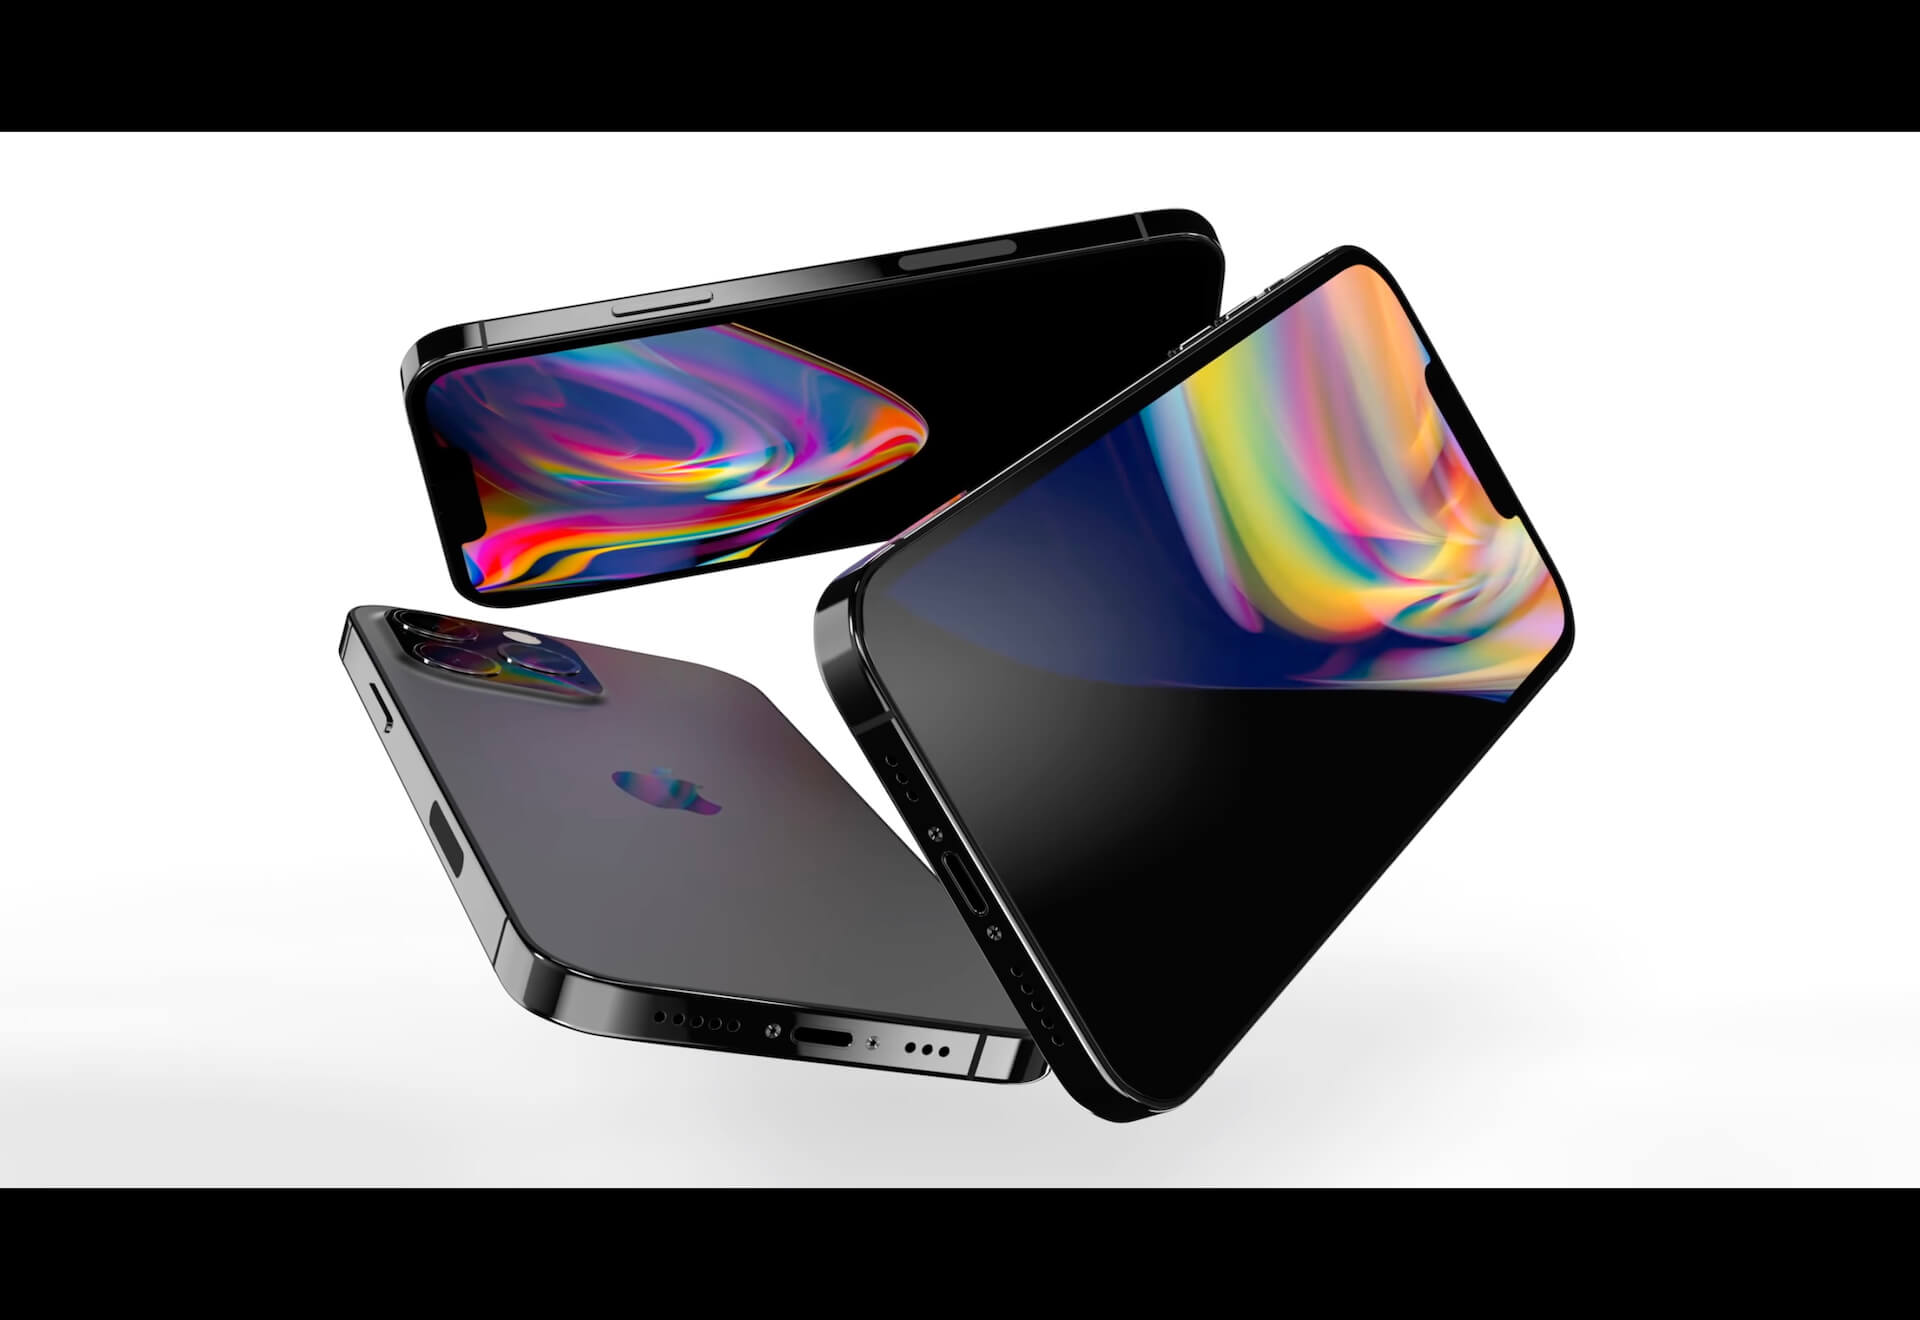 9月発表のiPhone 13 Proは少し厚くなる?3Dレンダリング画像が公開 tech210415_iphone13_main